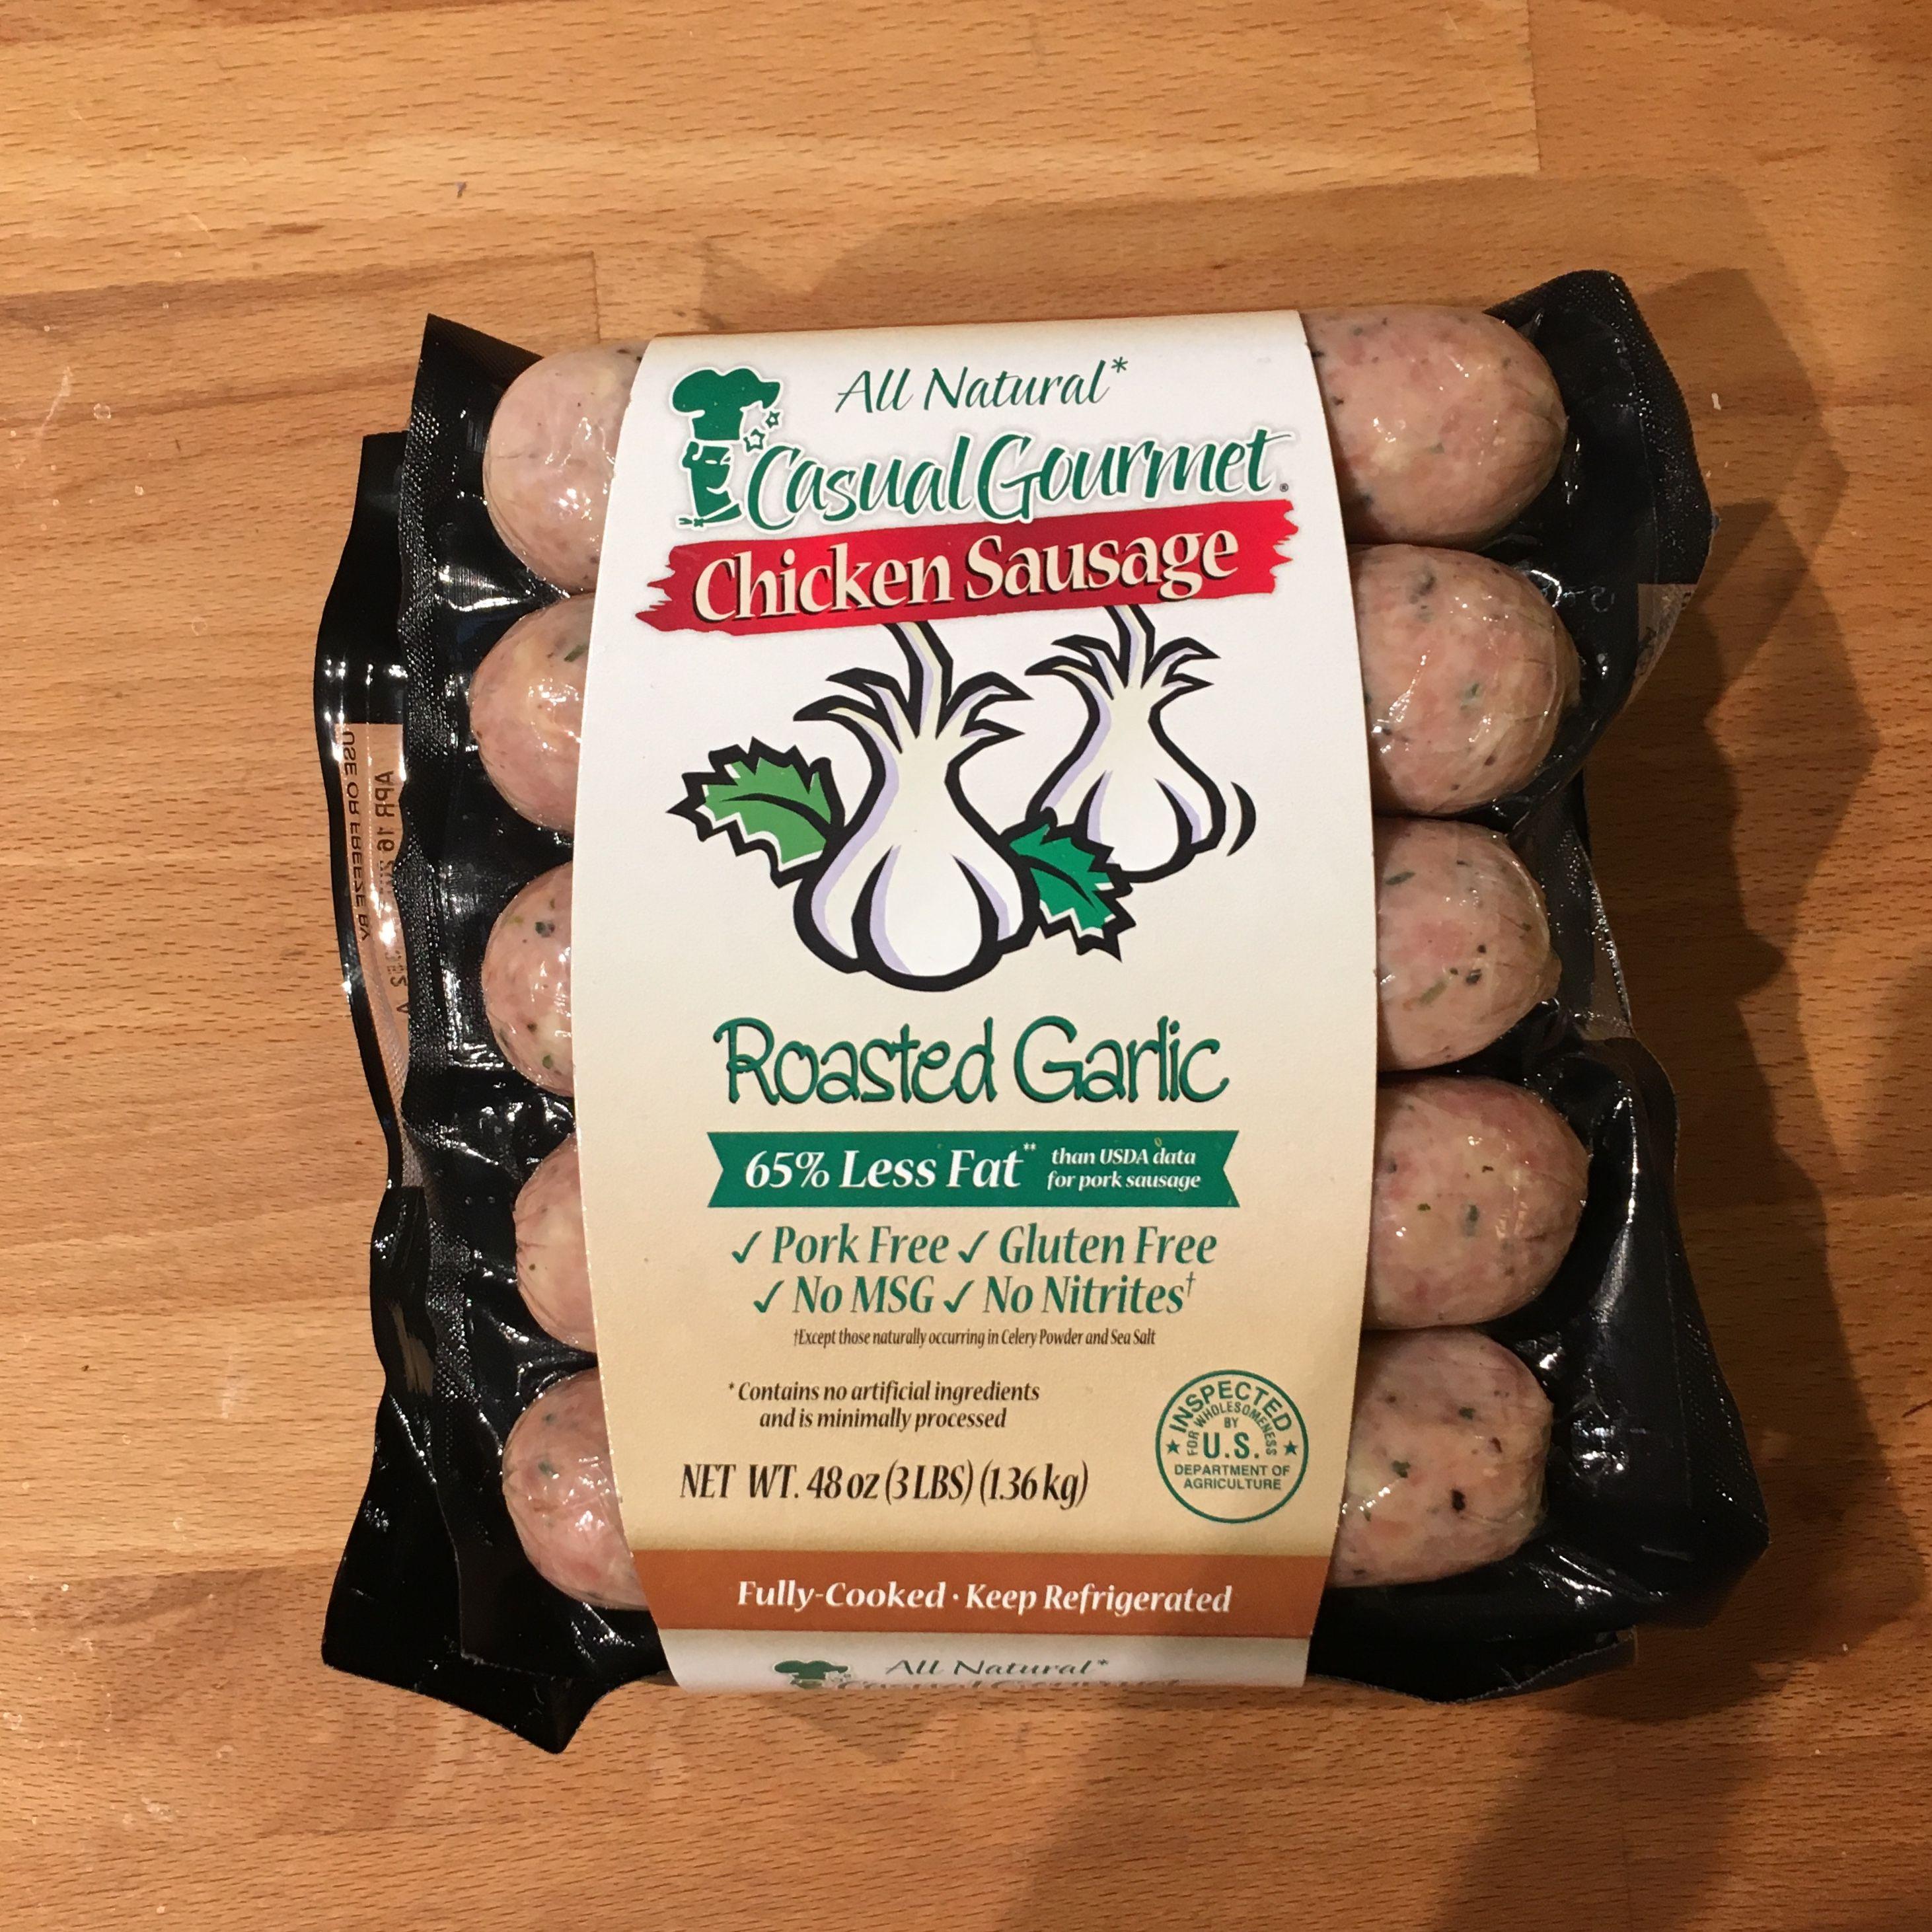 Chicken sausage no nitrites roasted garlic chicken